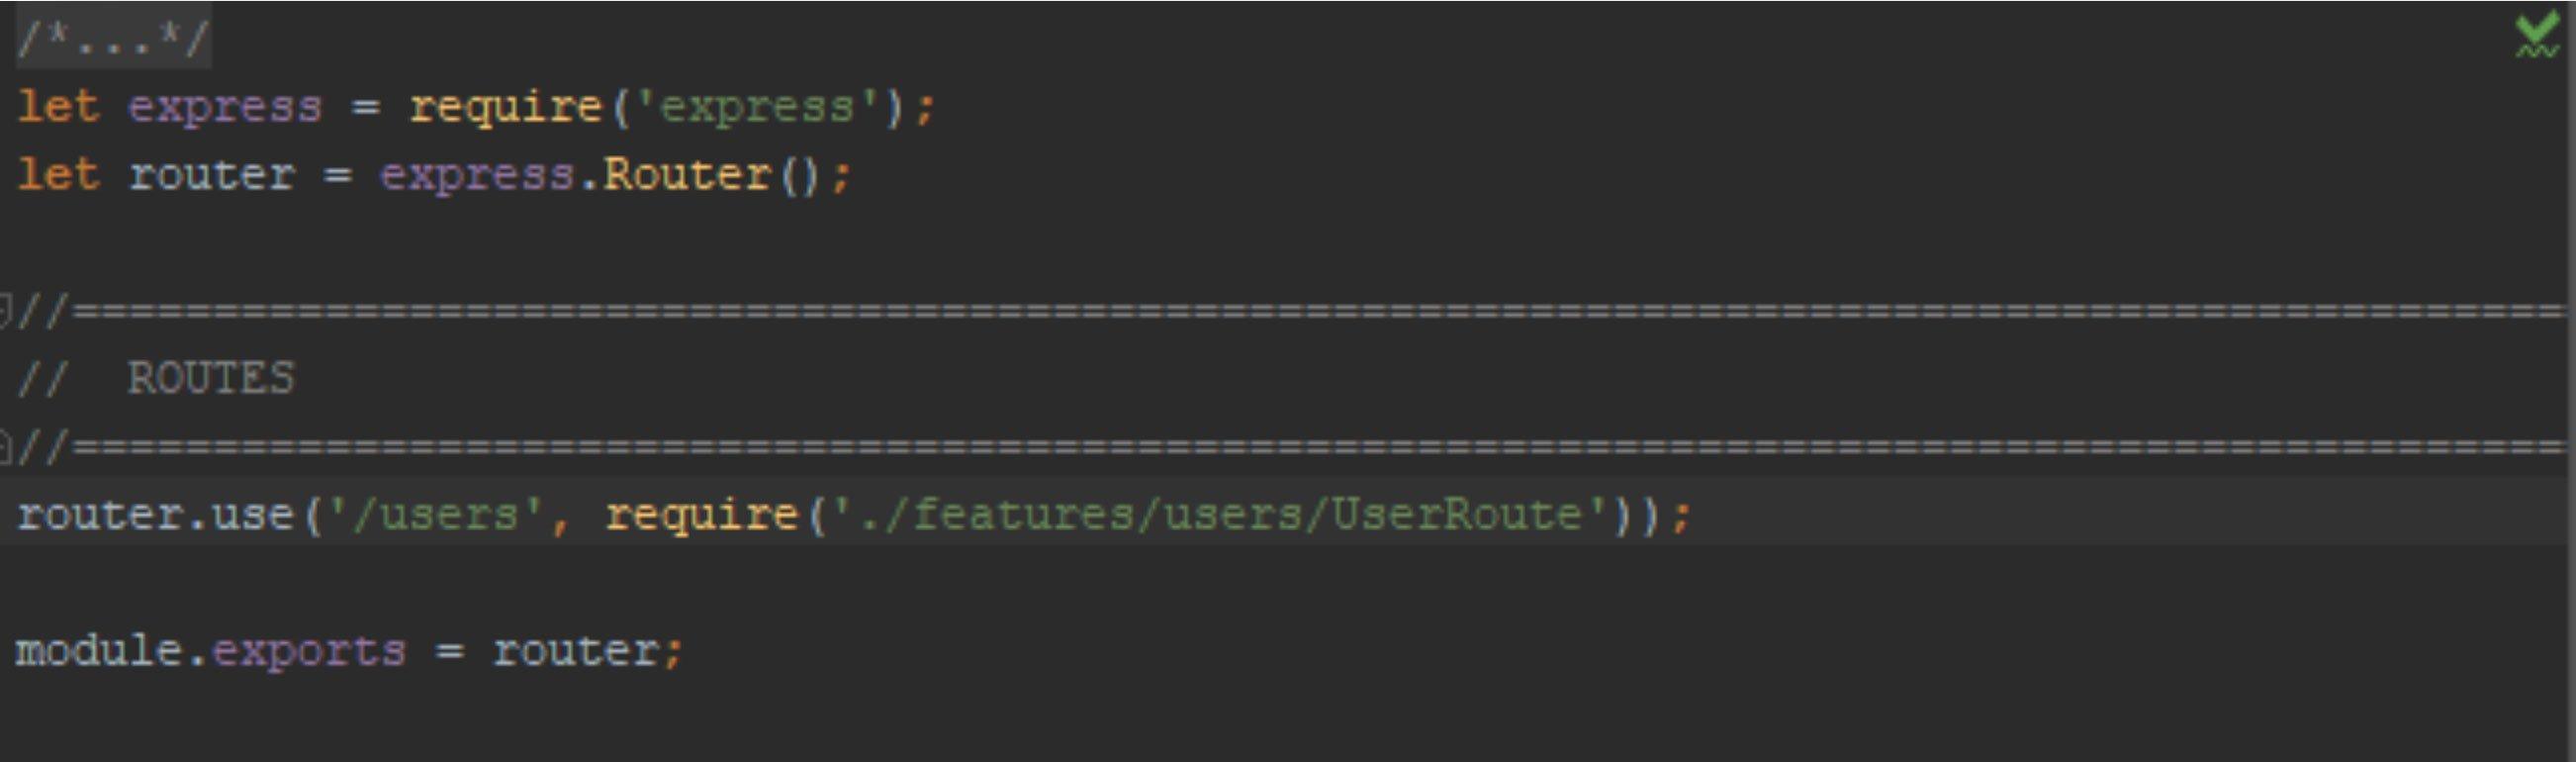 UserRoute file